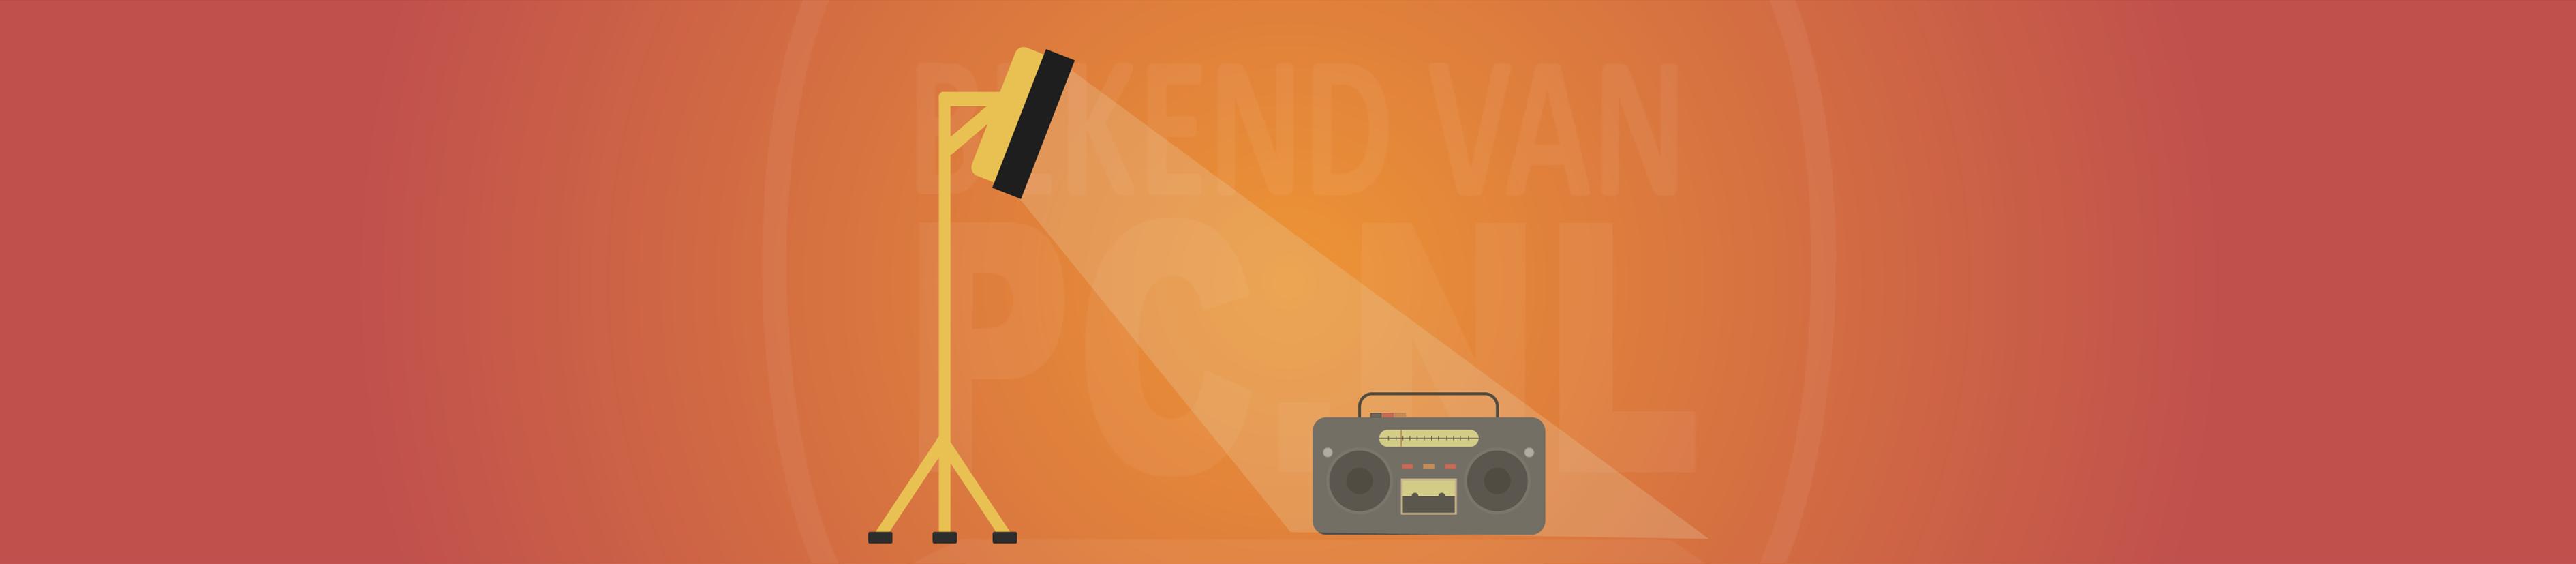 Bouwverlichting & radios